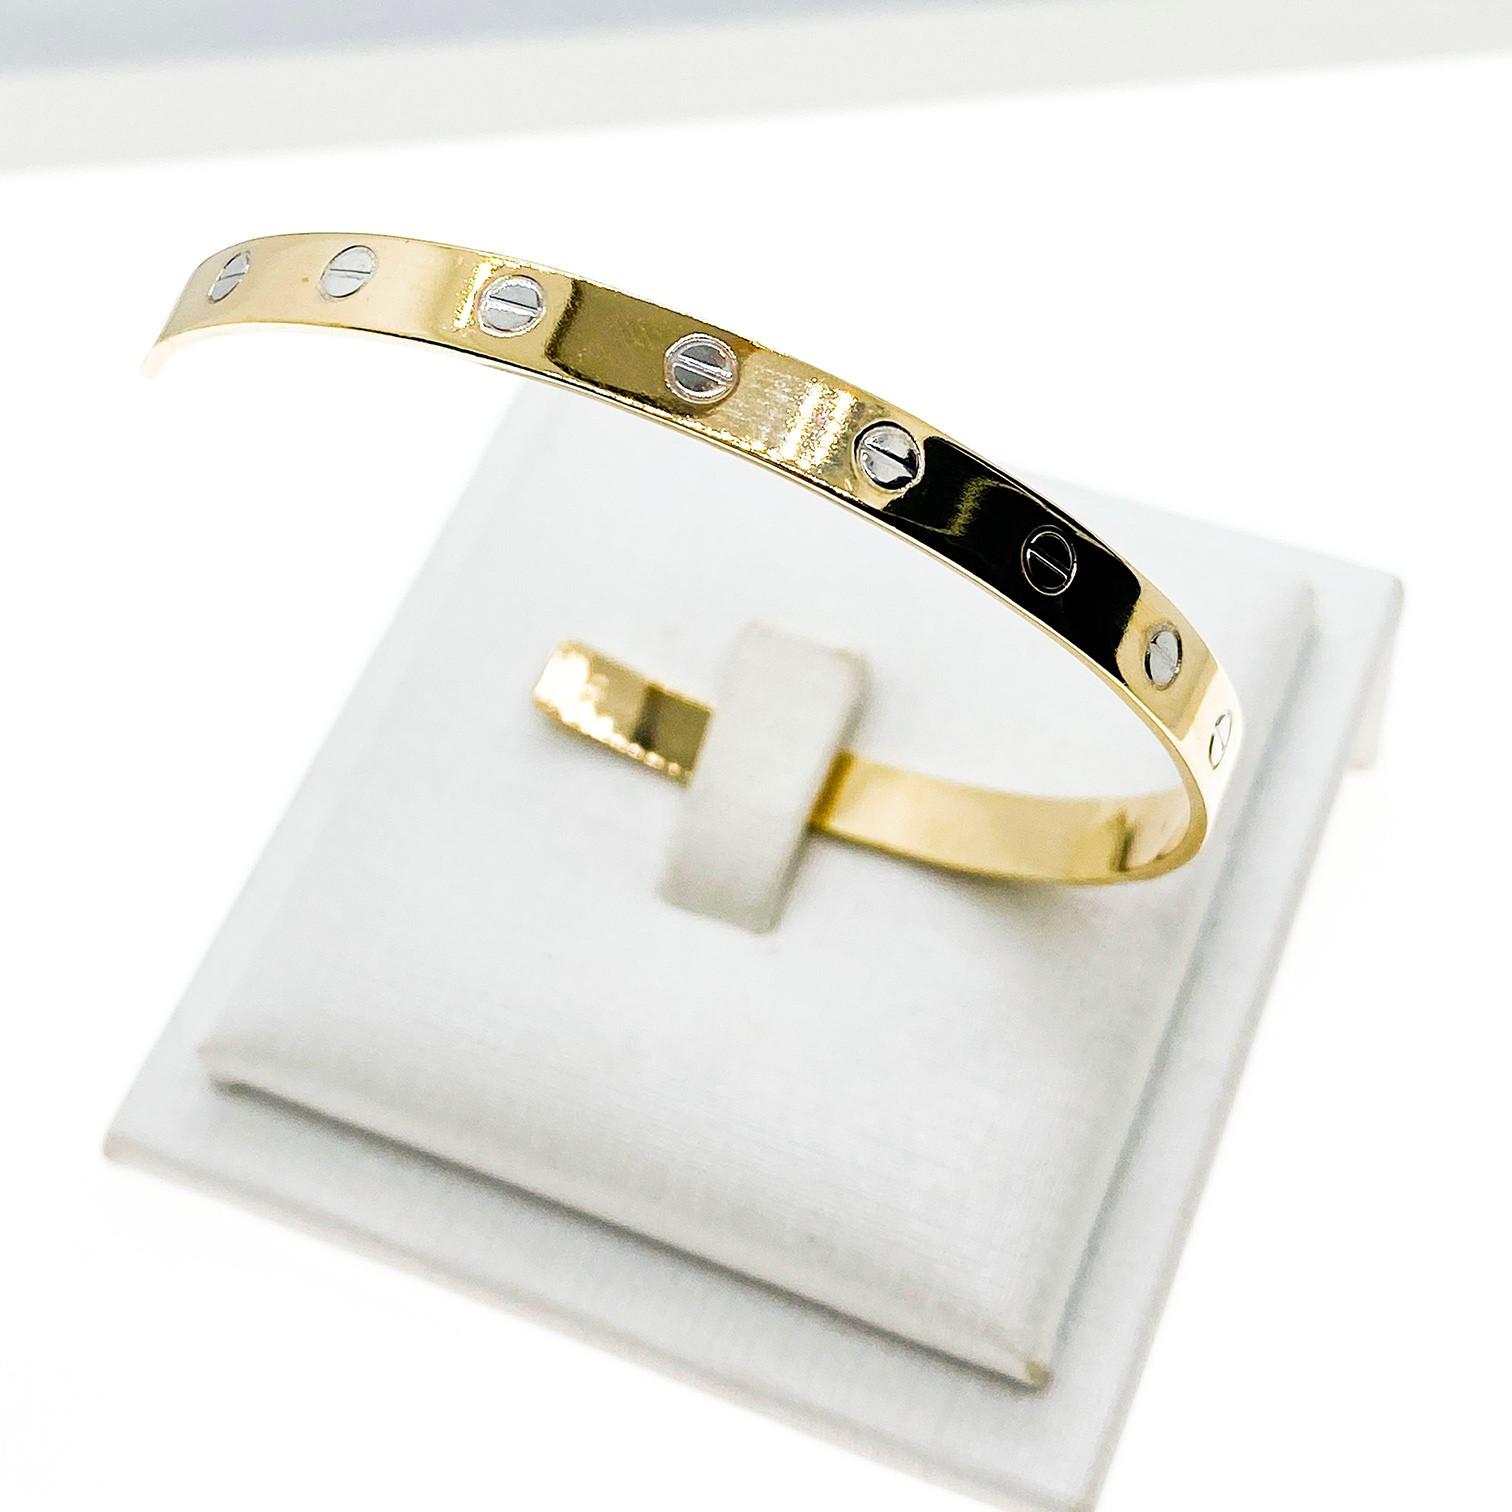 Bracelete Bucareste folheado no ouro 18K.